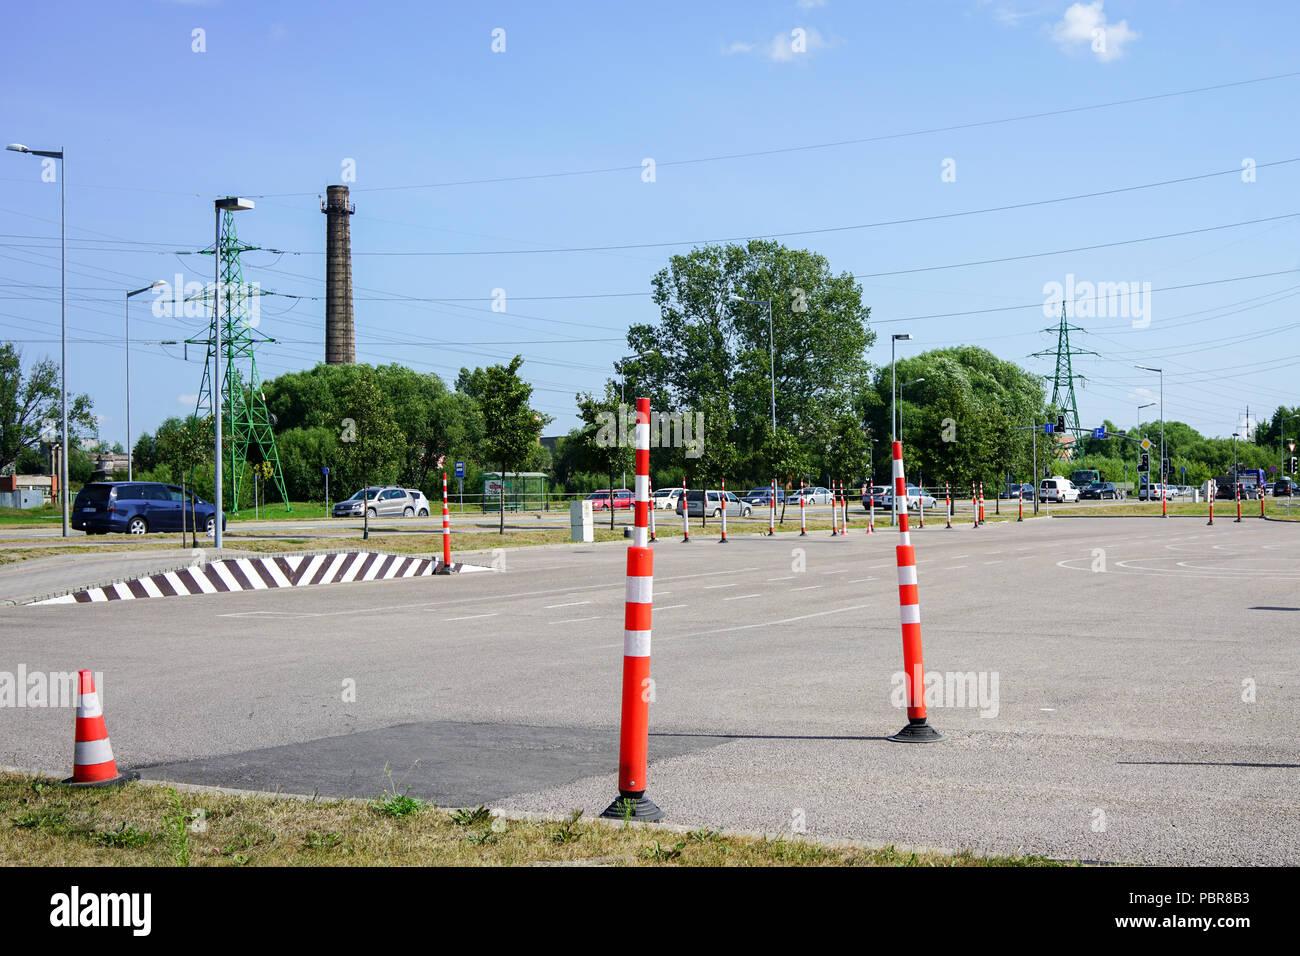 Área de Formación de conducción para aprender las normas de tráfico Imagen De Stock